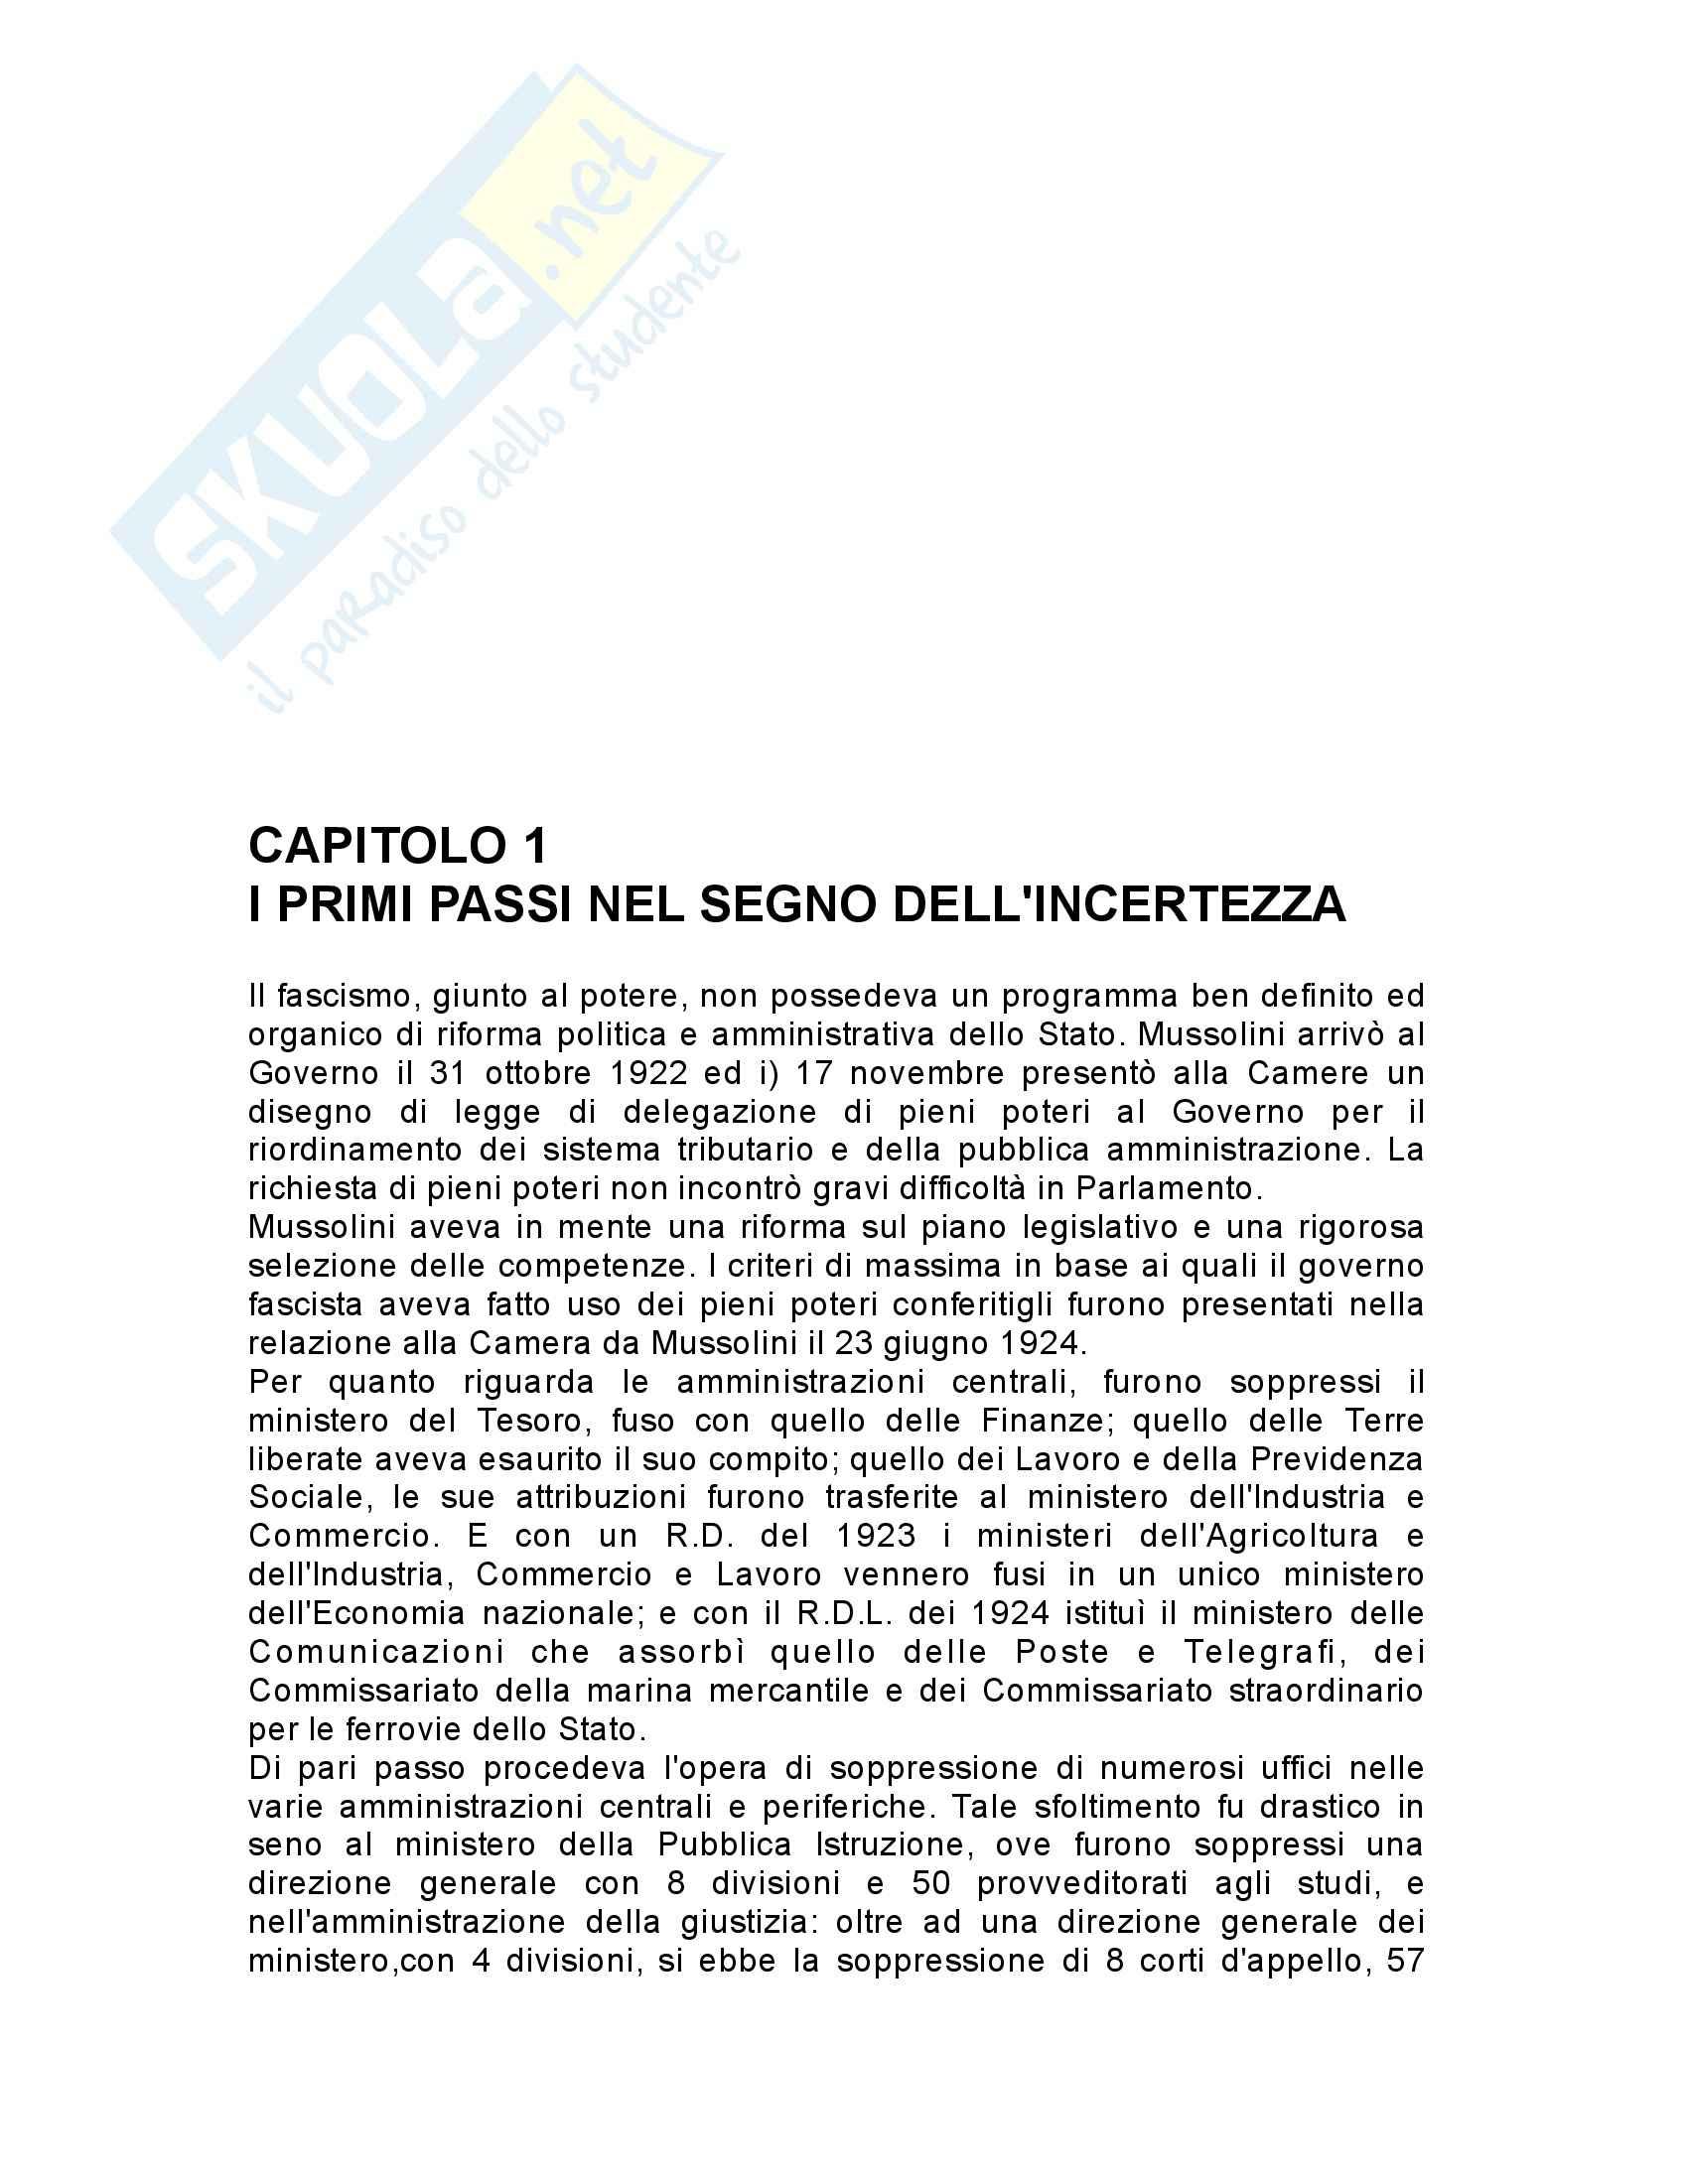 Riassunto esame Storia contemporanea, prof. Gagliani, libro consigliato L'organizzazione dello stato totalitario, Aquarone